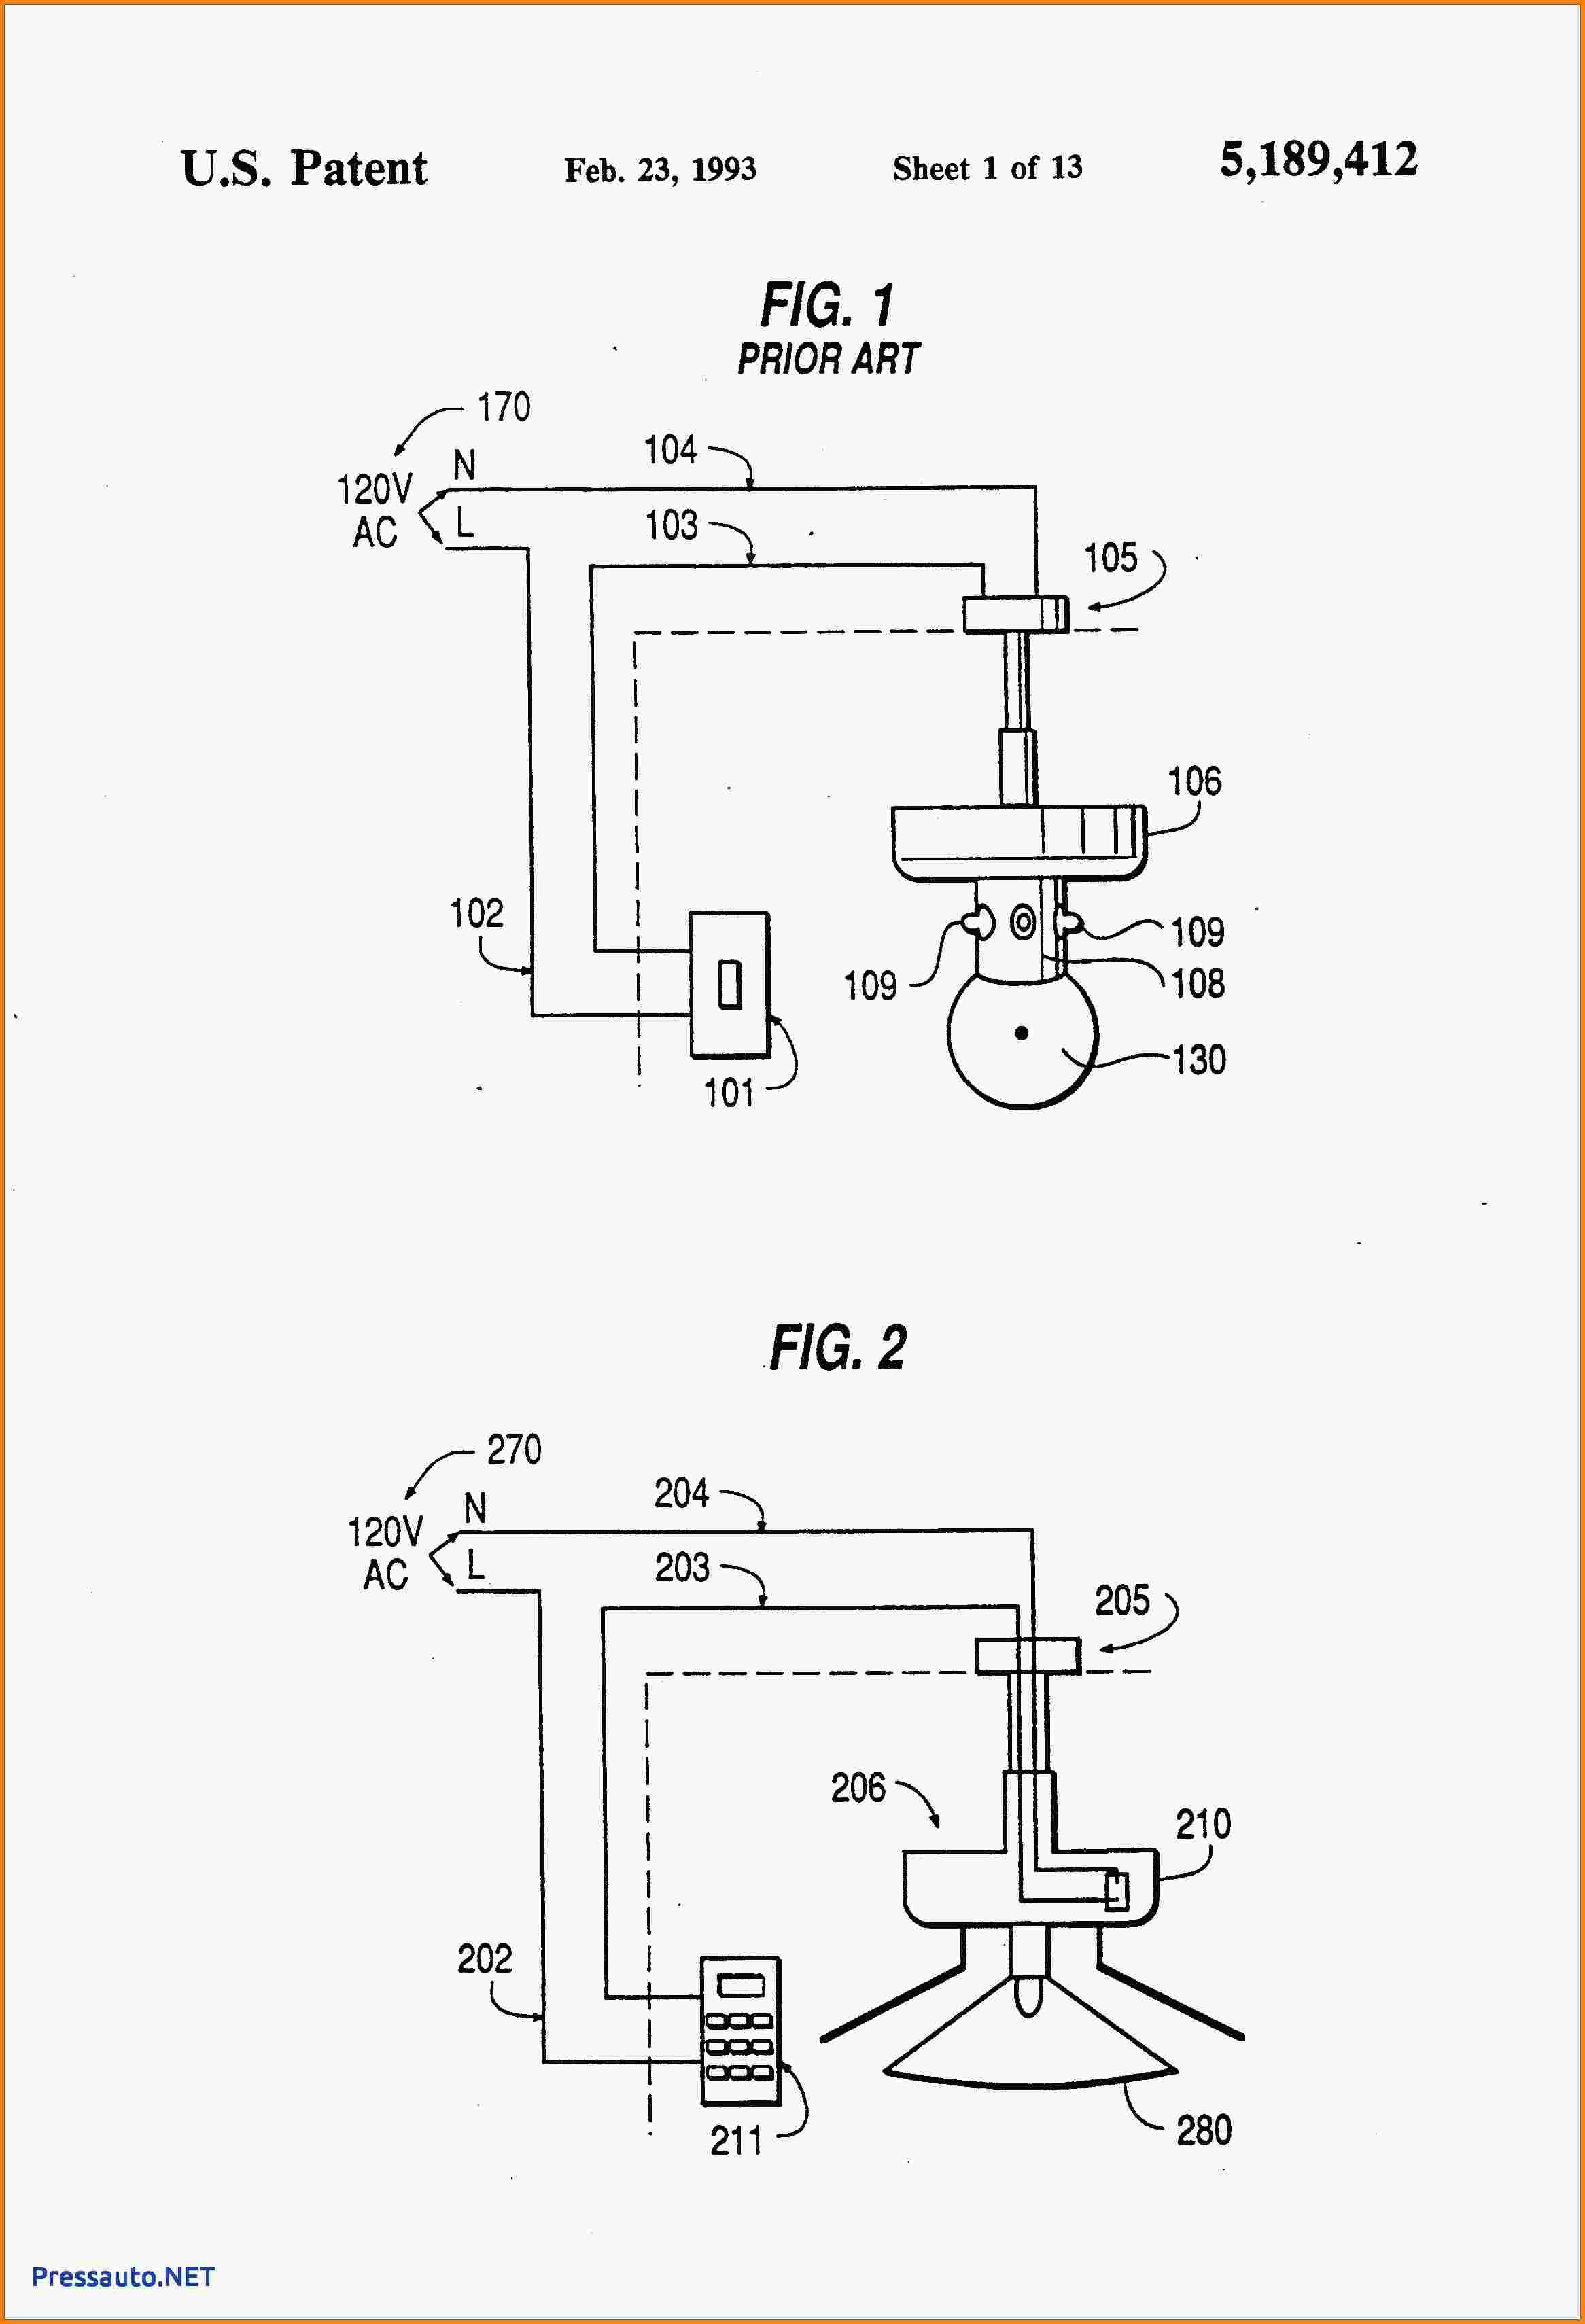 fasco motor schematic schematic wiring diagramfasco motor wiring diagram wiring diagram fasco motor replacement fasco motor schematic